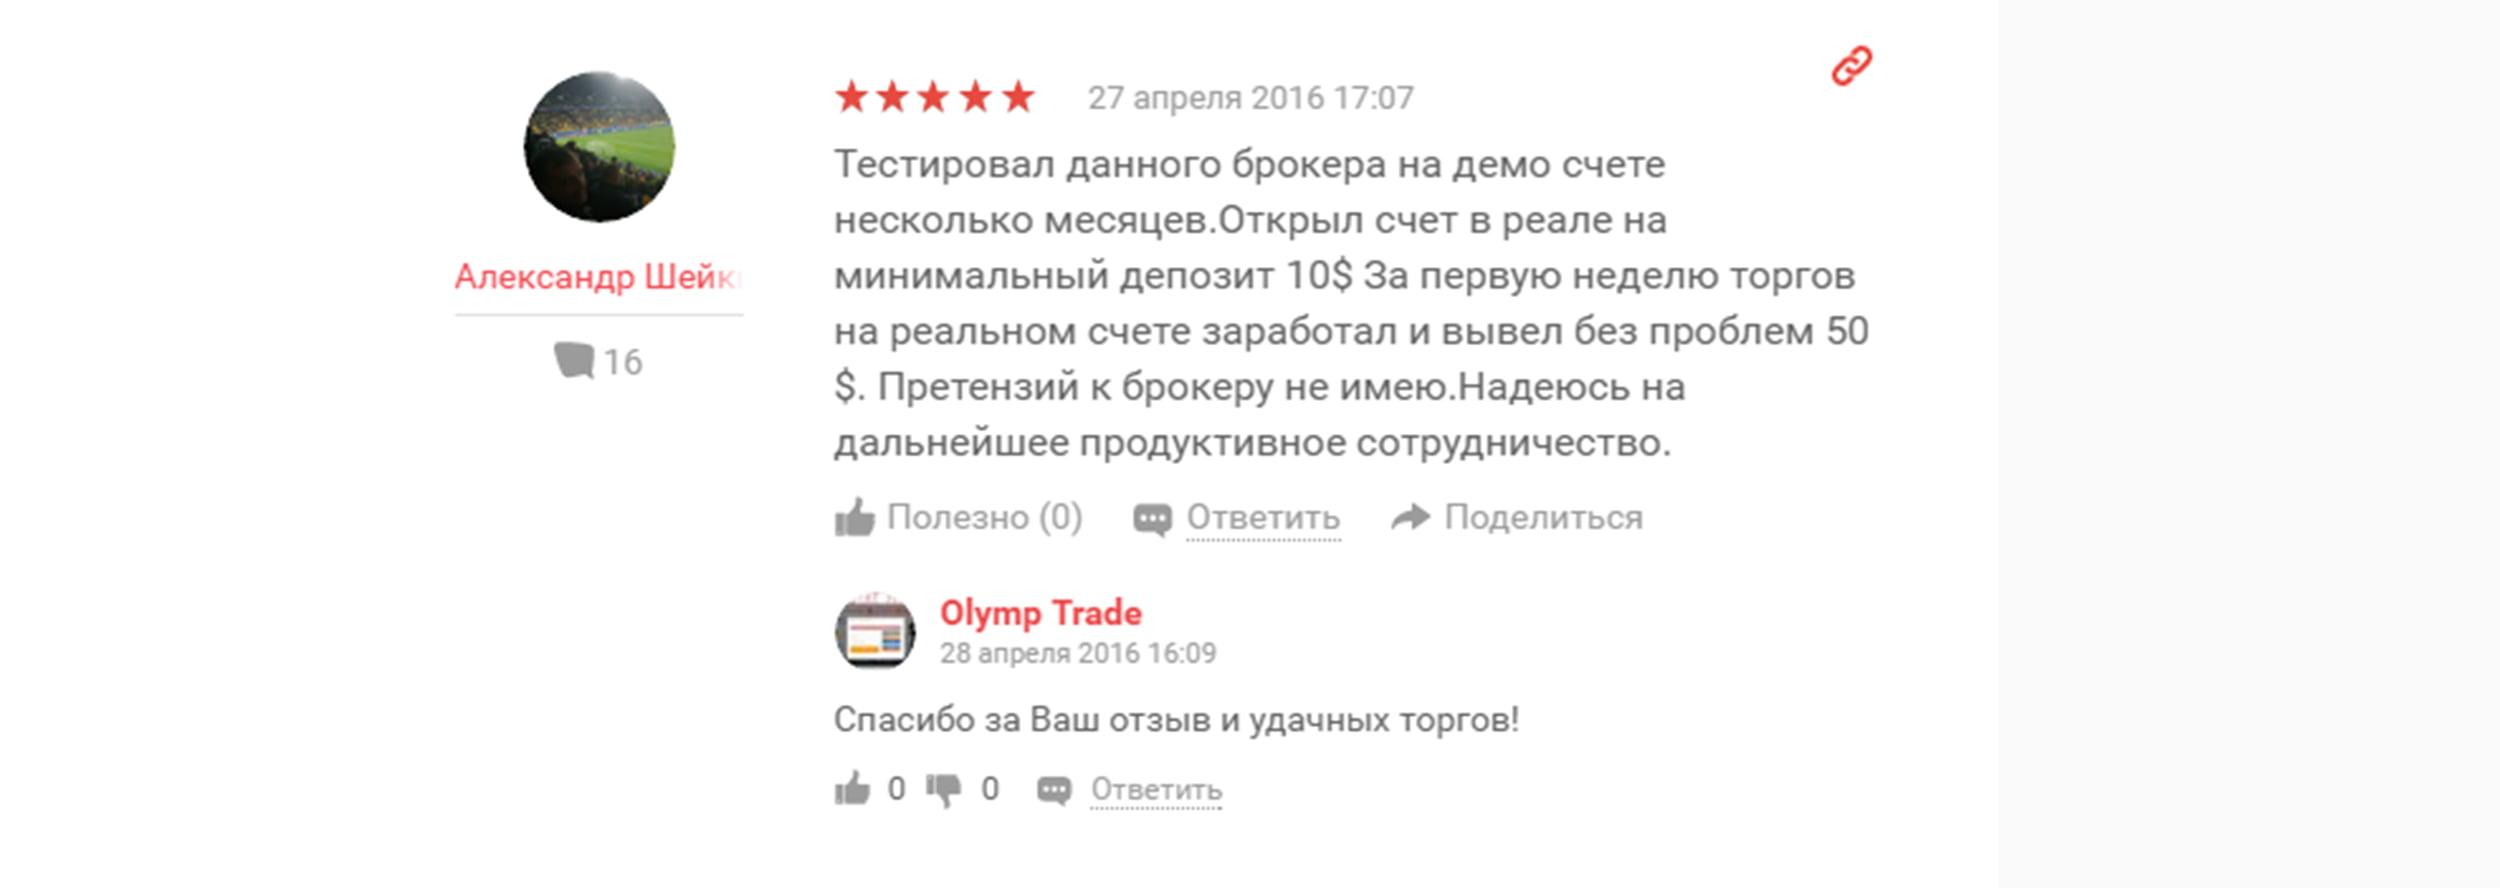 Отзывы трейдеров о выводе средств в Олимп Трейд